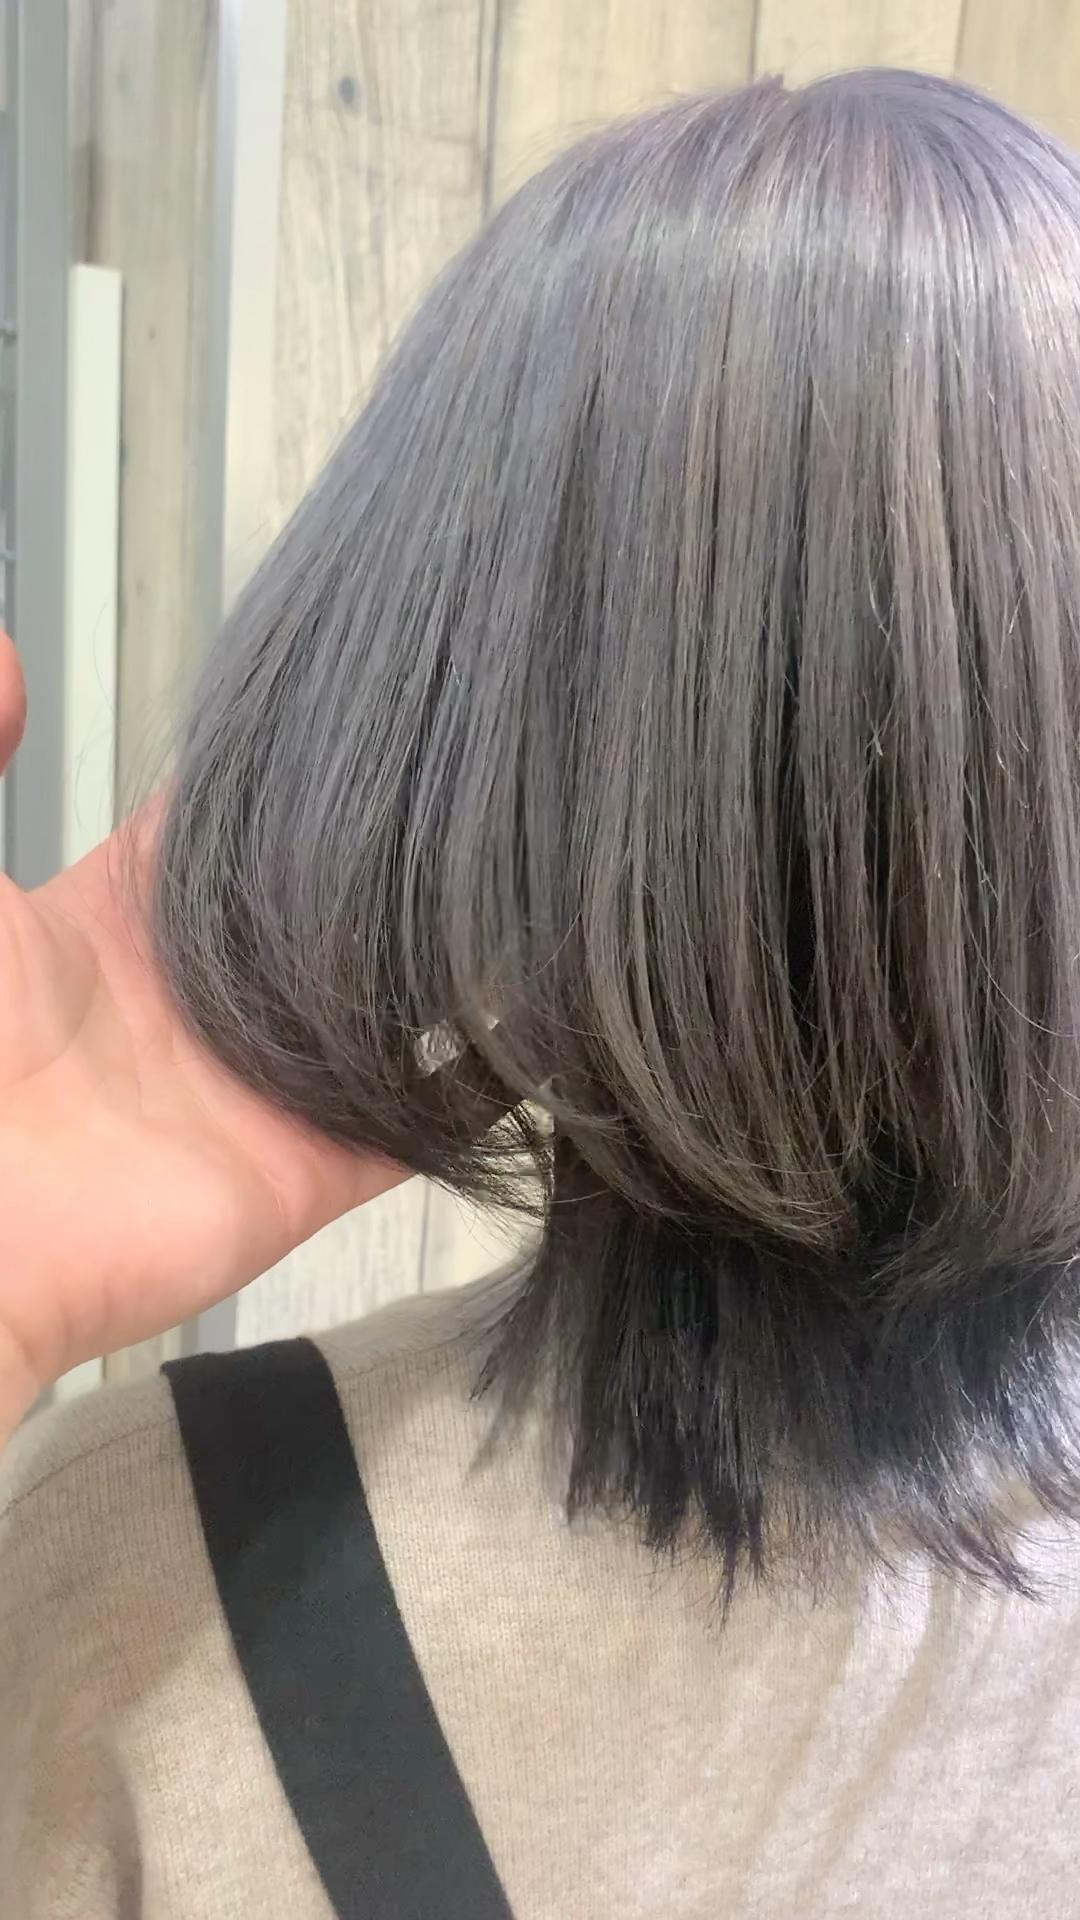 かわいい髪型 レディース ヘアスタイル ウルフカット グレー ラベンダー土屋 一貴|トムキャット(T